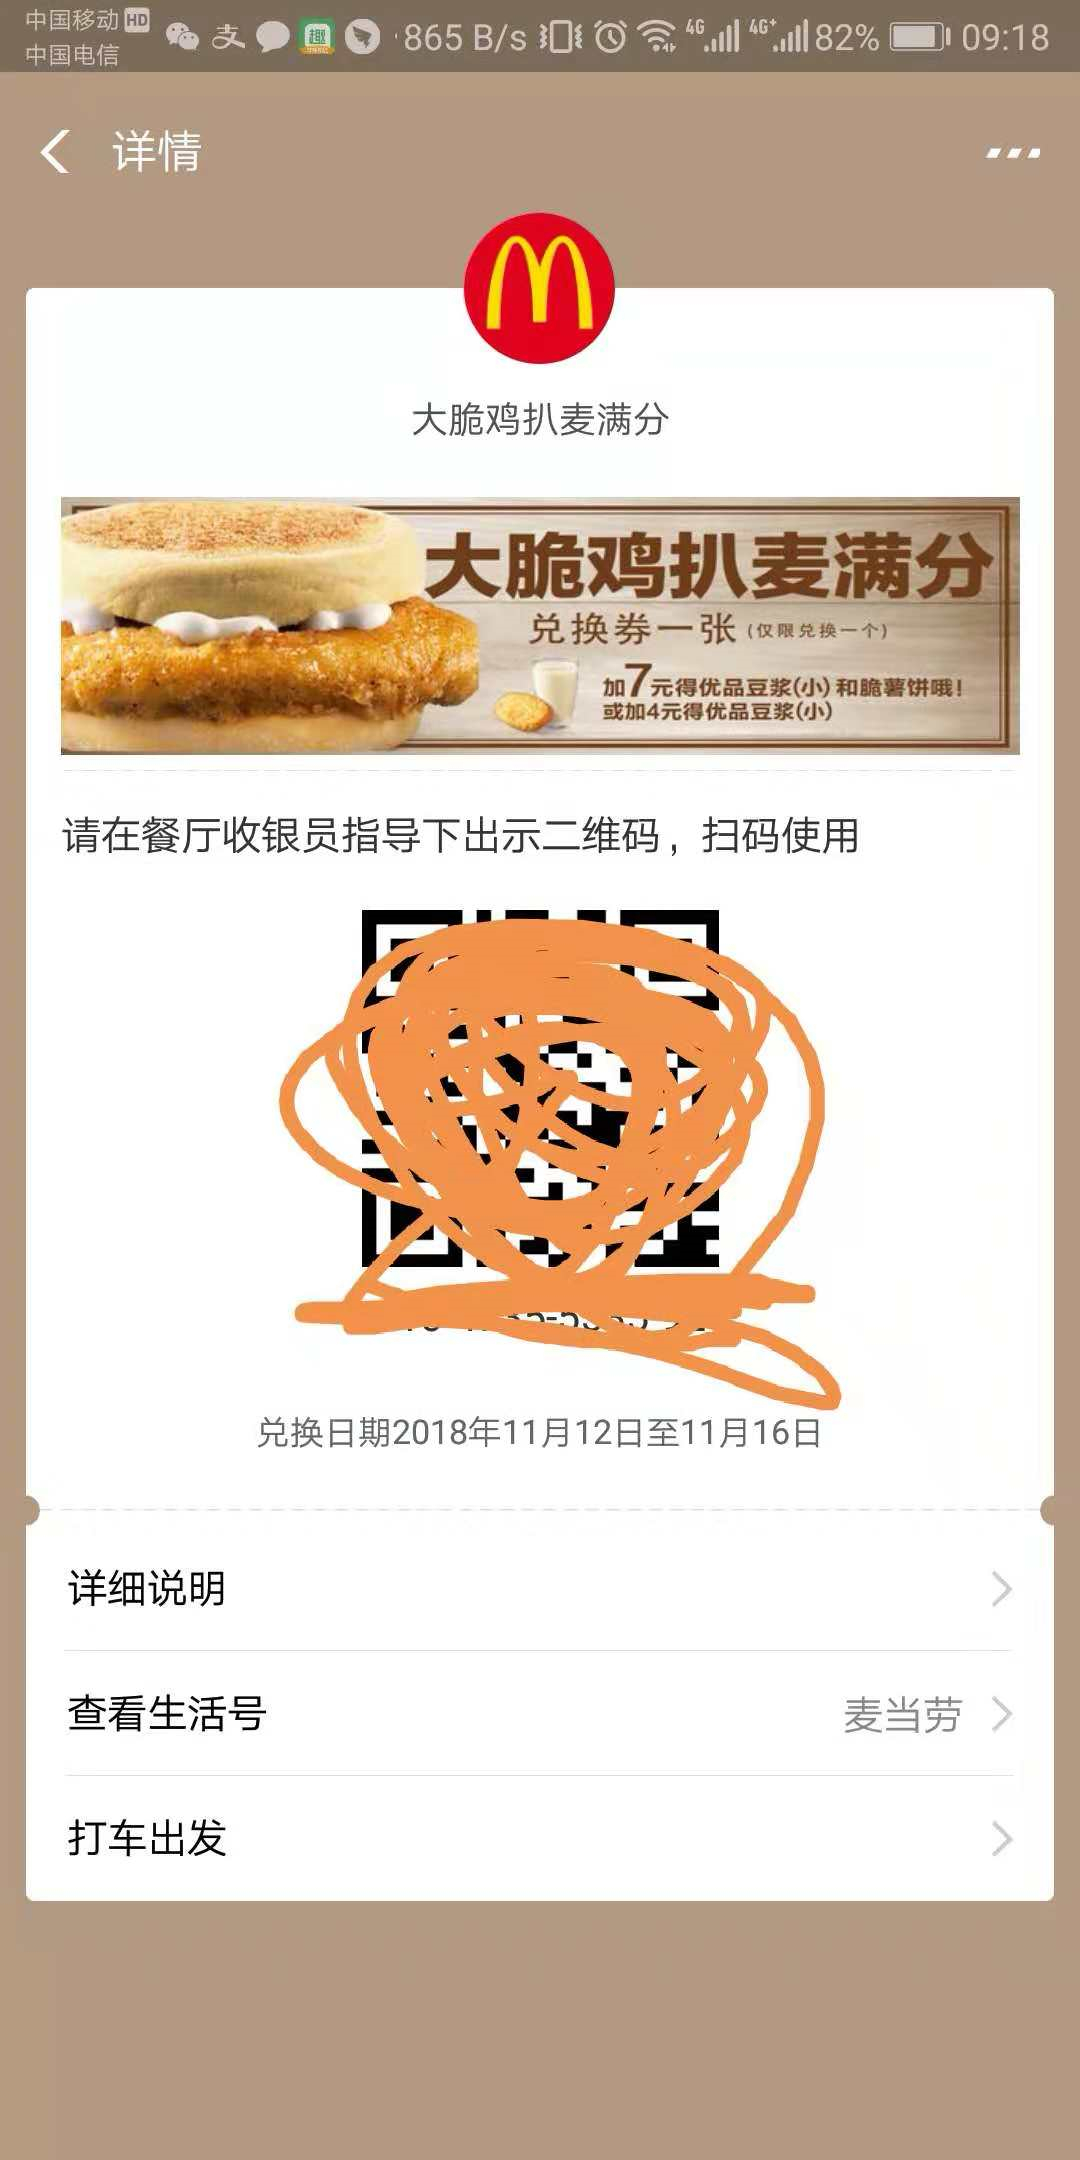 麦当劳免费早餐 大脆鸡扒麦满分一份